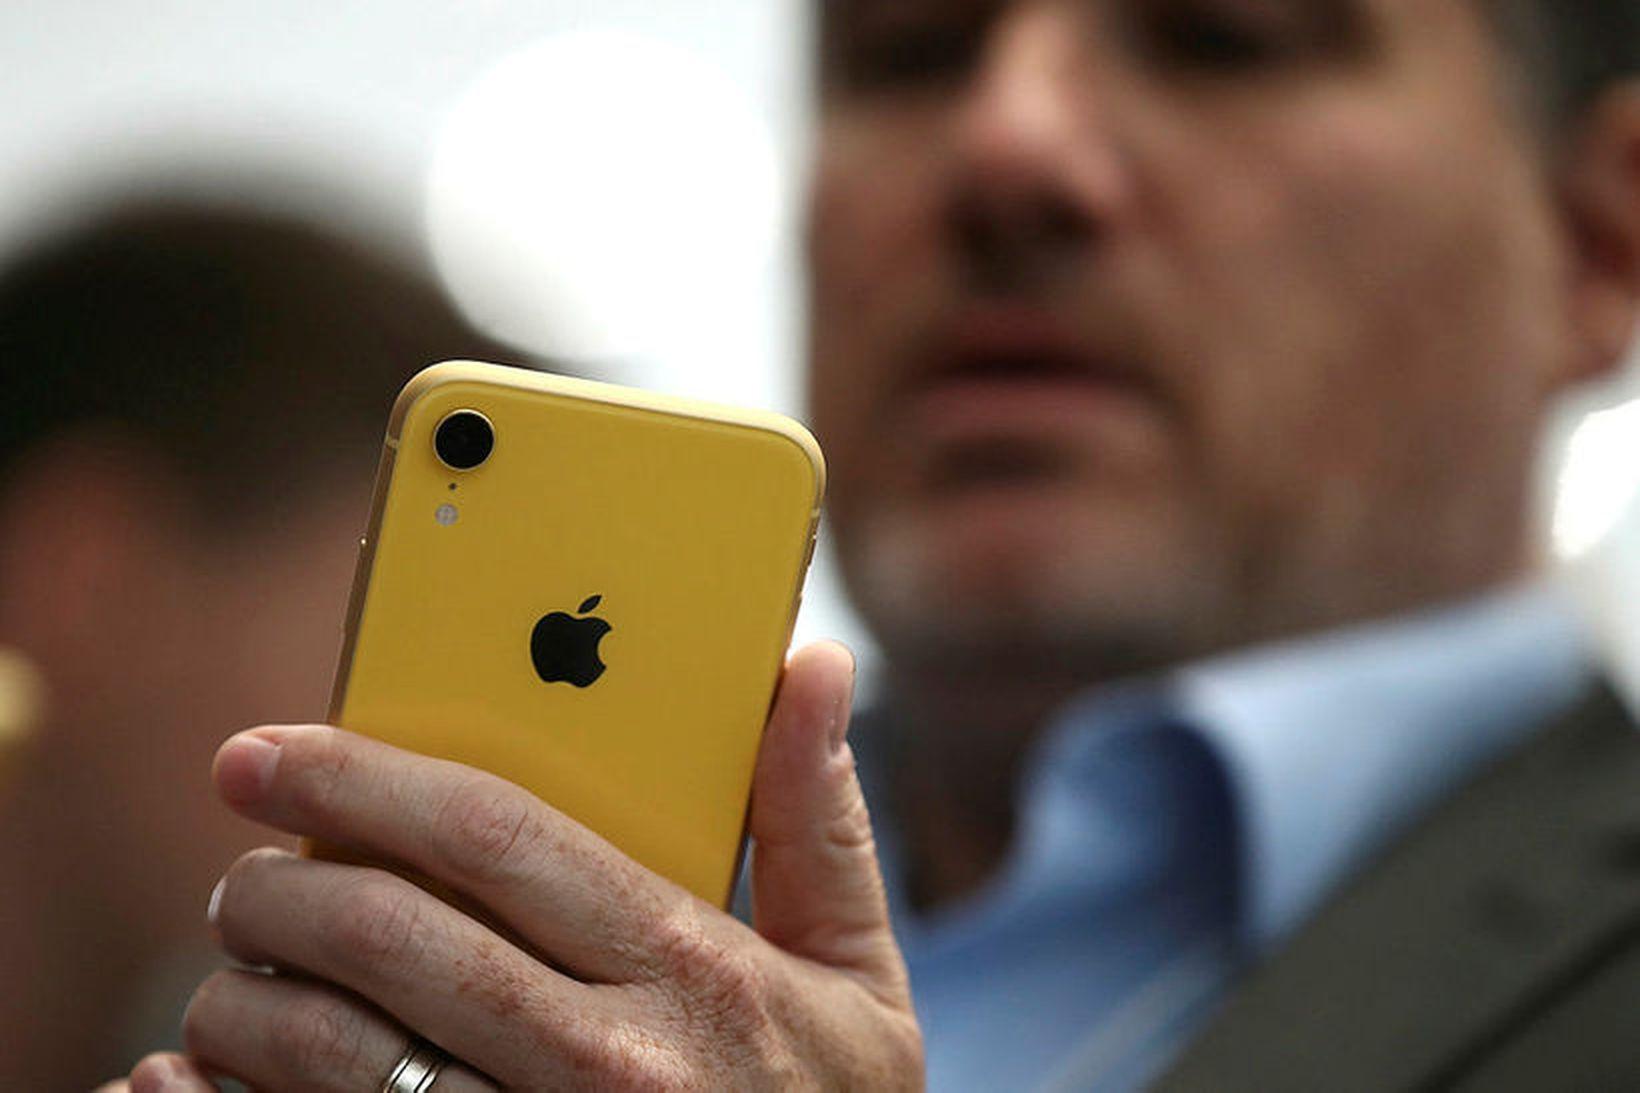 Sé Krímskagi skoðaður á landakortum Apple í Rússlandi, virðist hann …